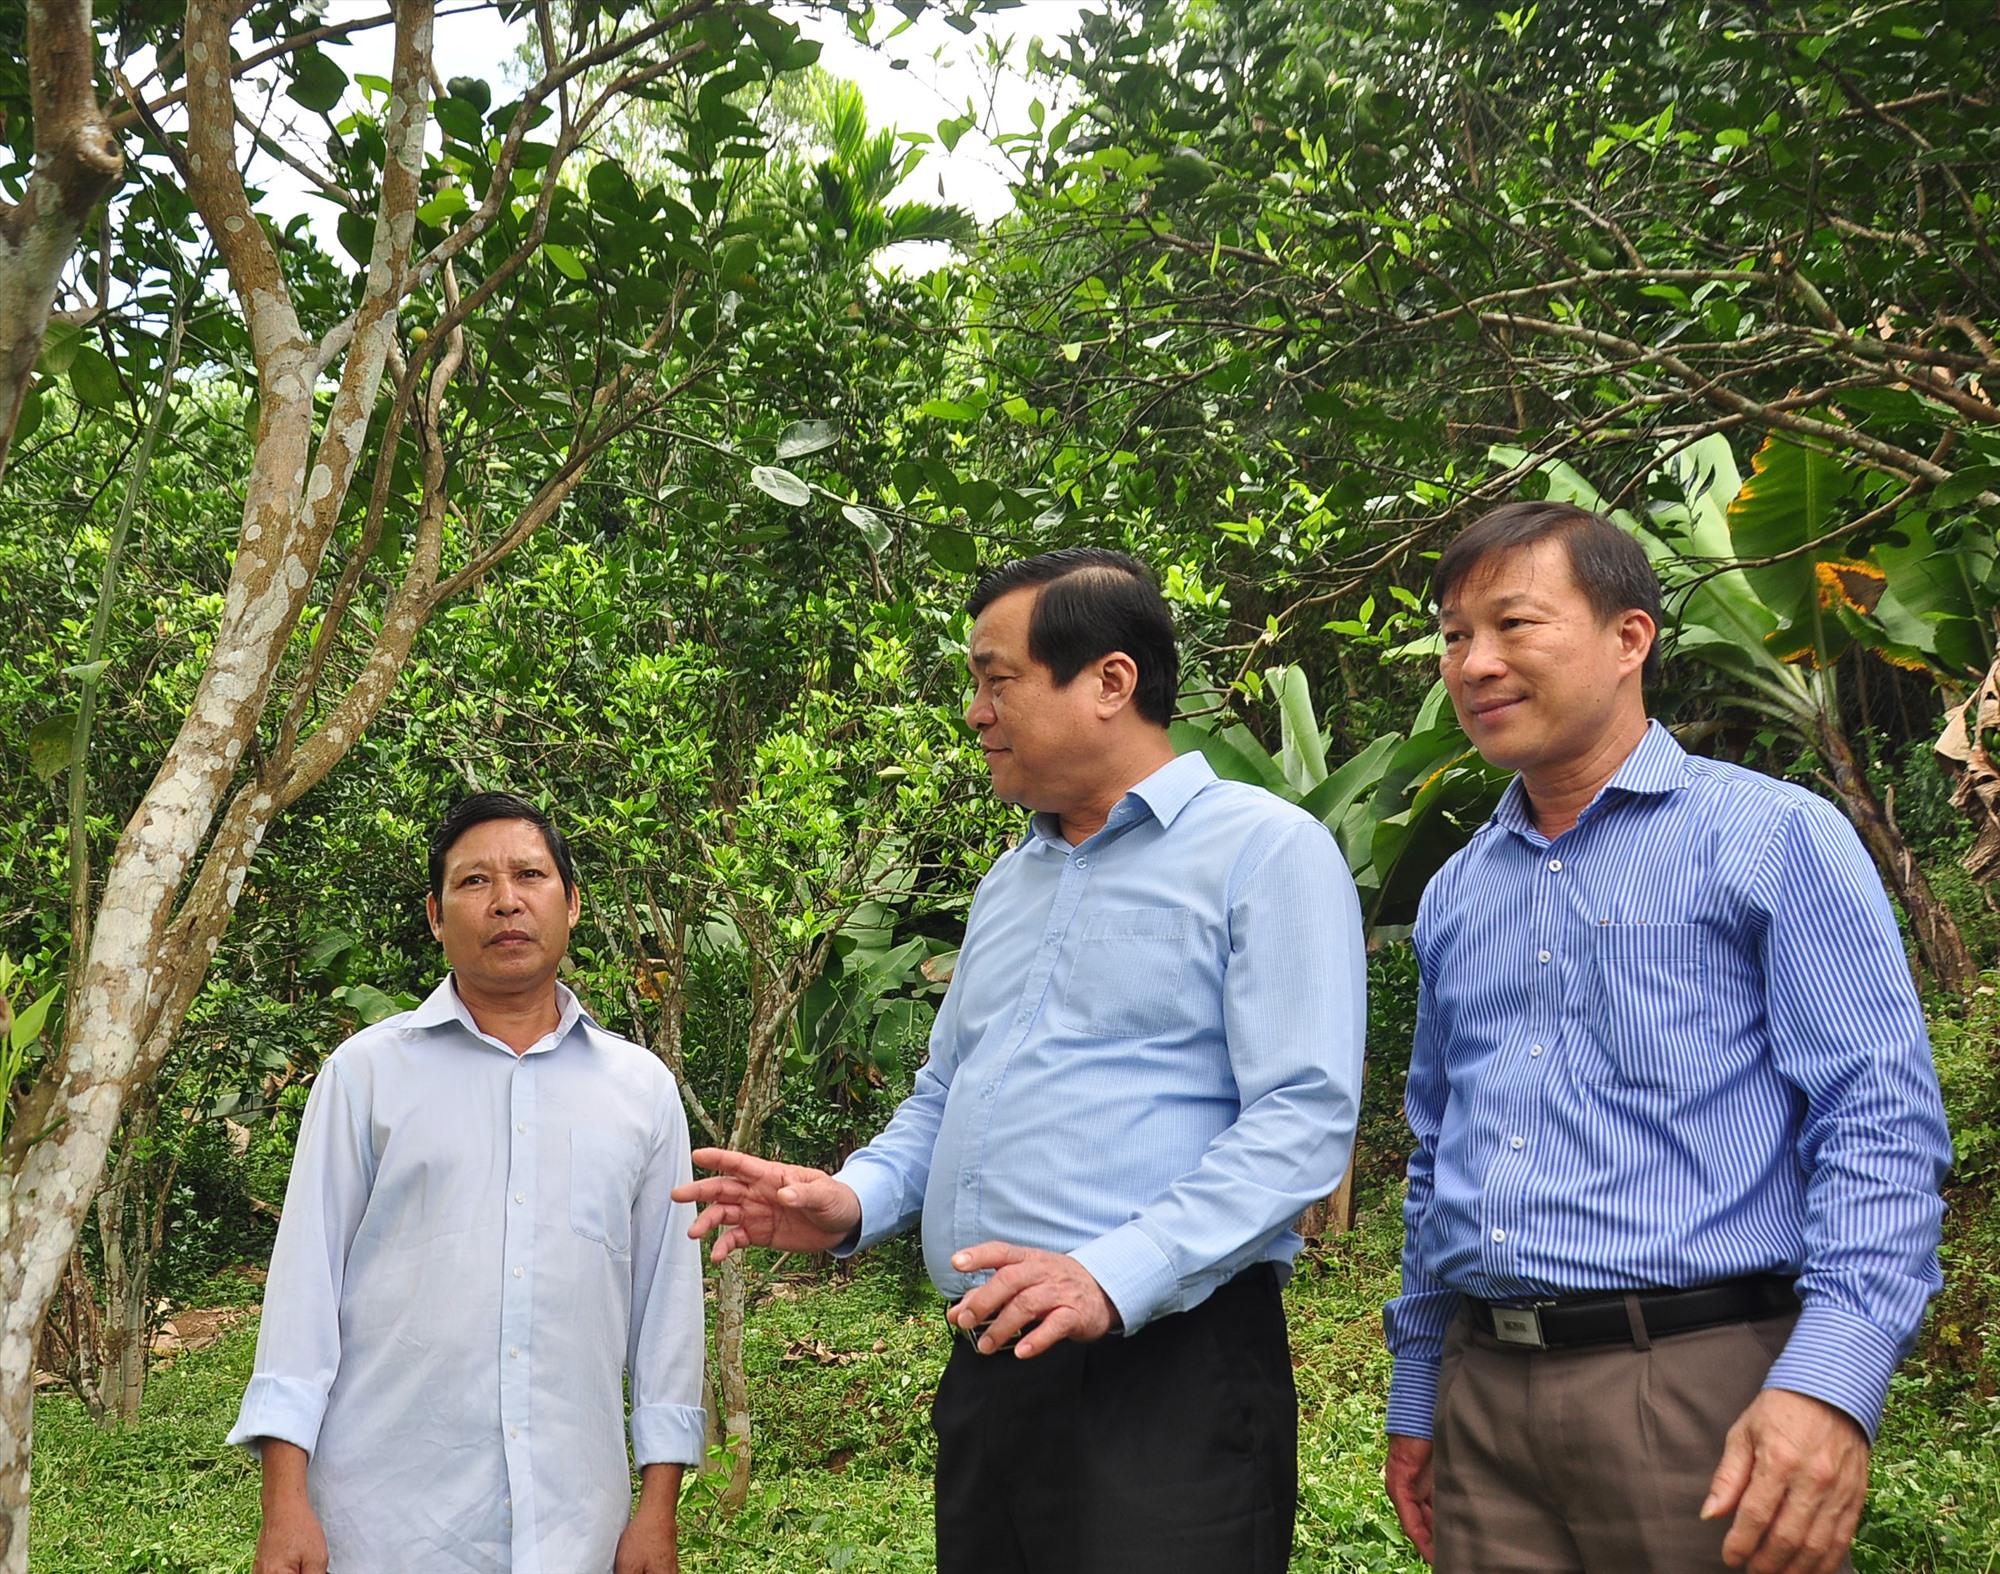 Bí thư Tỉnh ủy Phan Việt Cường thăm một số mô hình kinh tế vườn ở xã Tiên Hà. Ảnh: VINH ANH